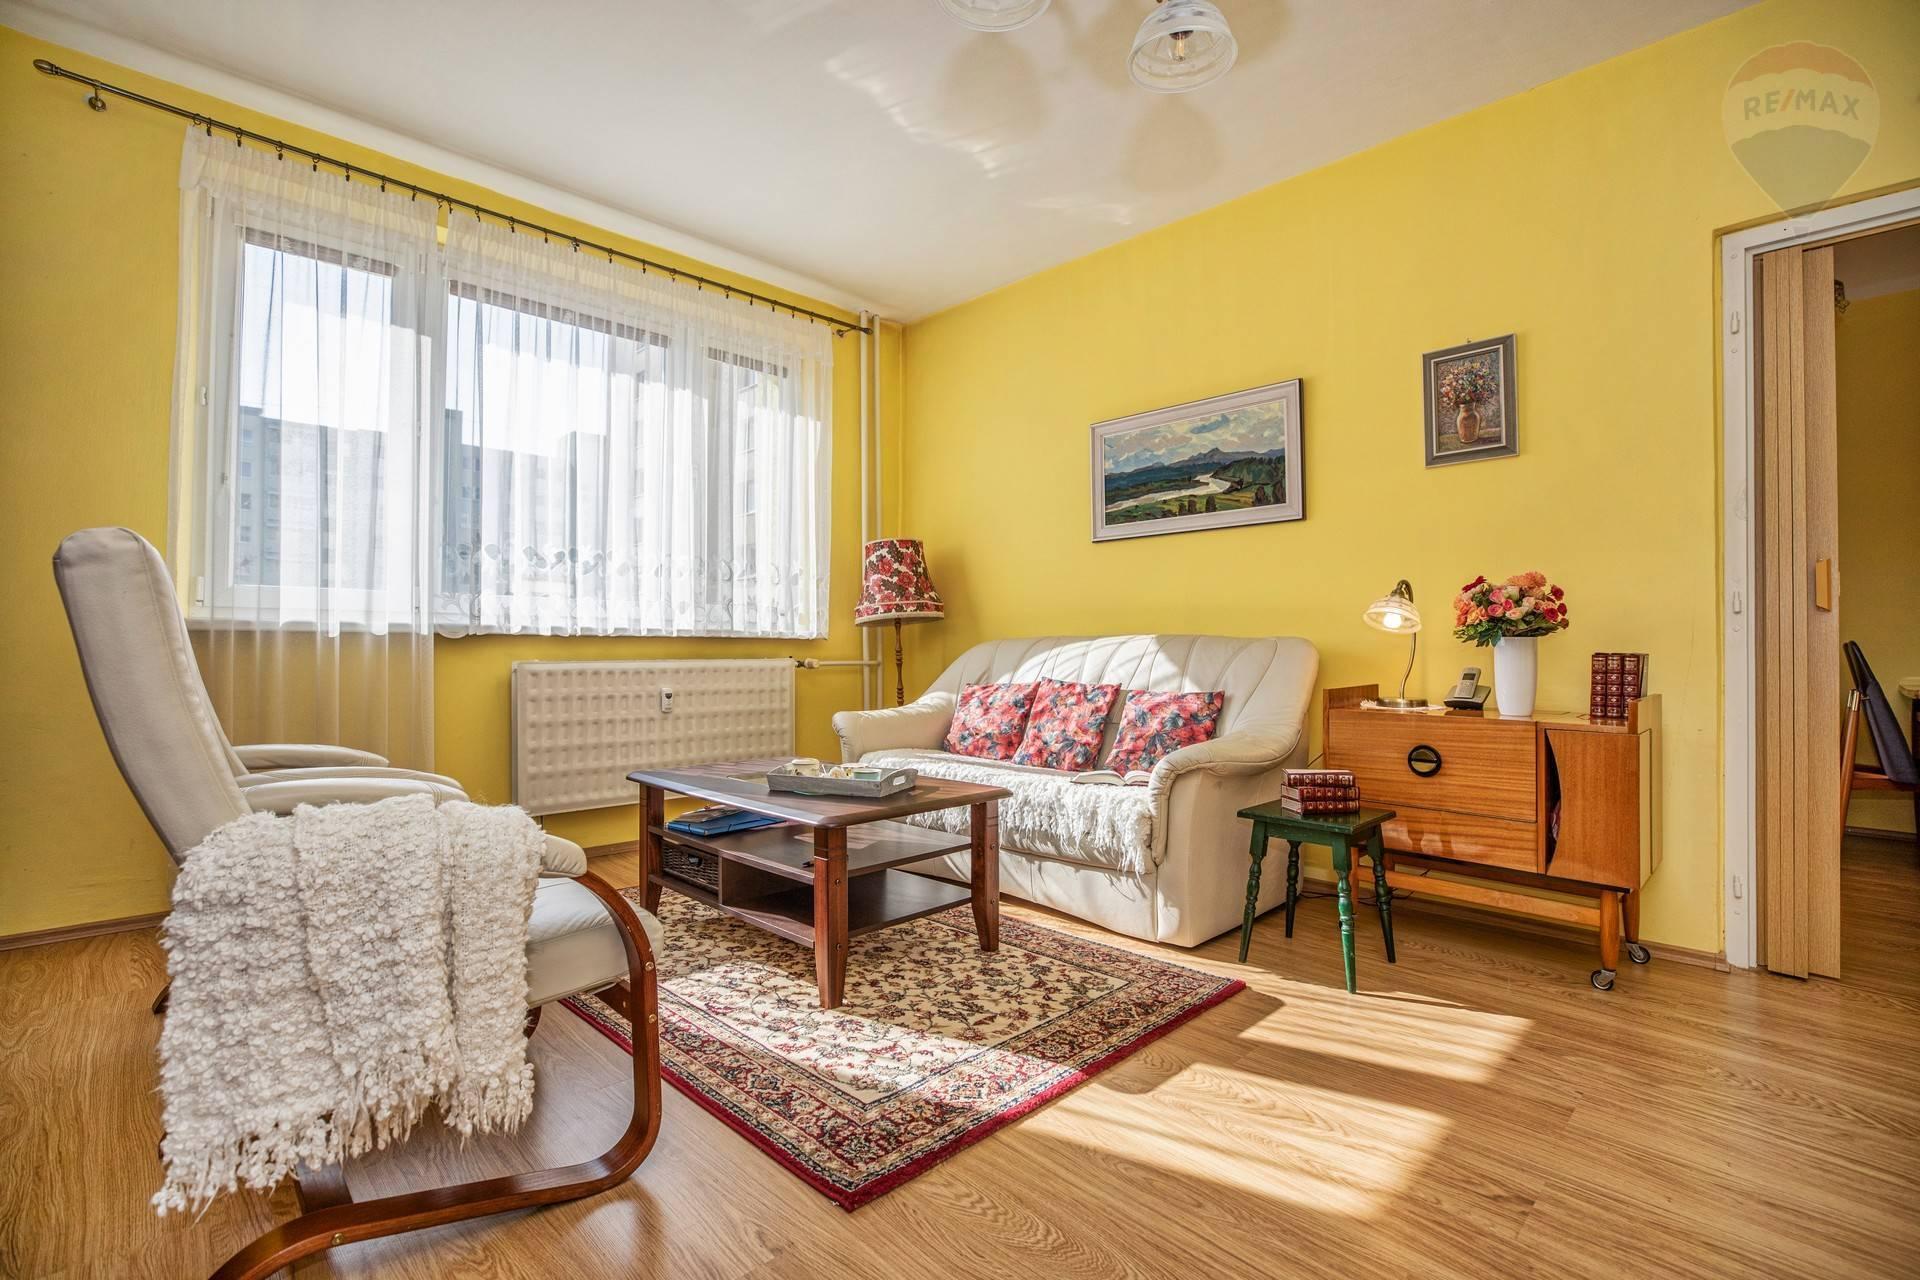 PREDAJ: 3 izbový byt, Na Hlinách, čiastočná rekonštrukcia